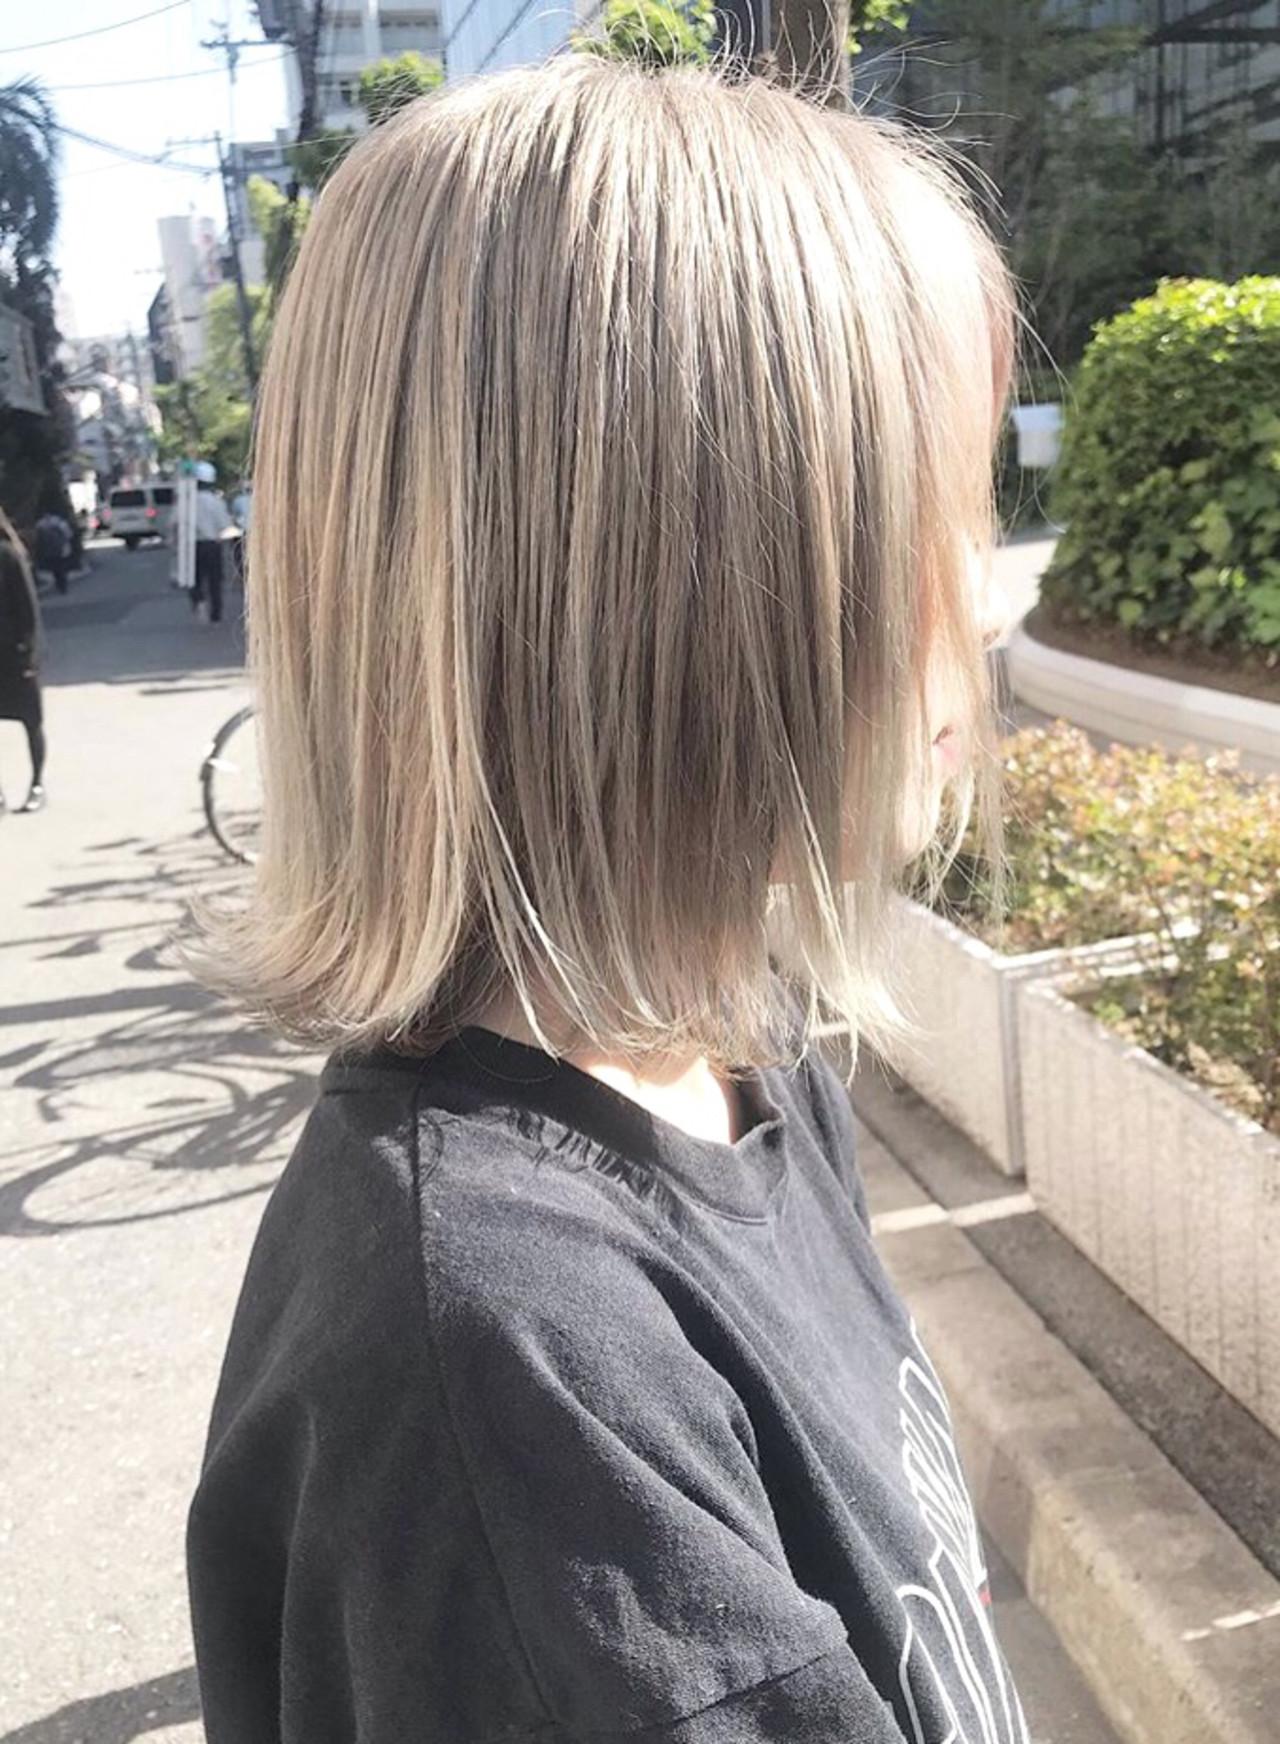 ボブ ミルクティー 透明感カラー 外国人風カラー ヘアスタイルや髪型の写真・画像 | yoshiki / chainon 梅田店